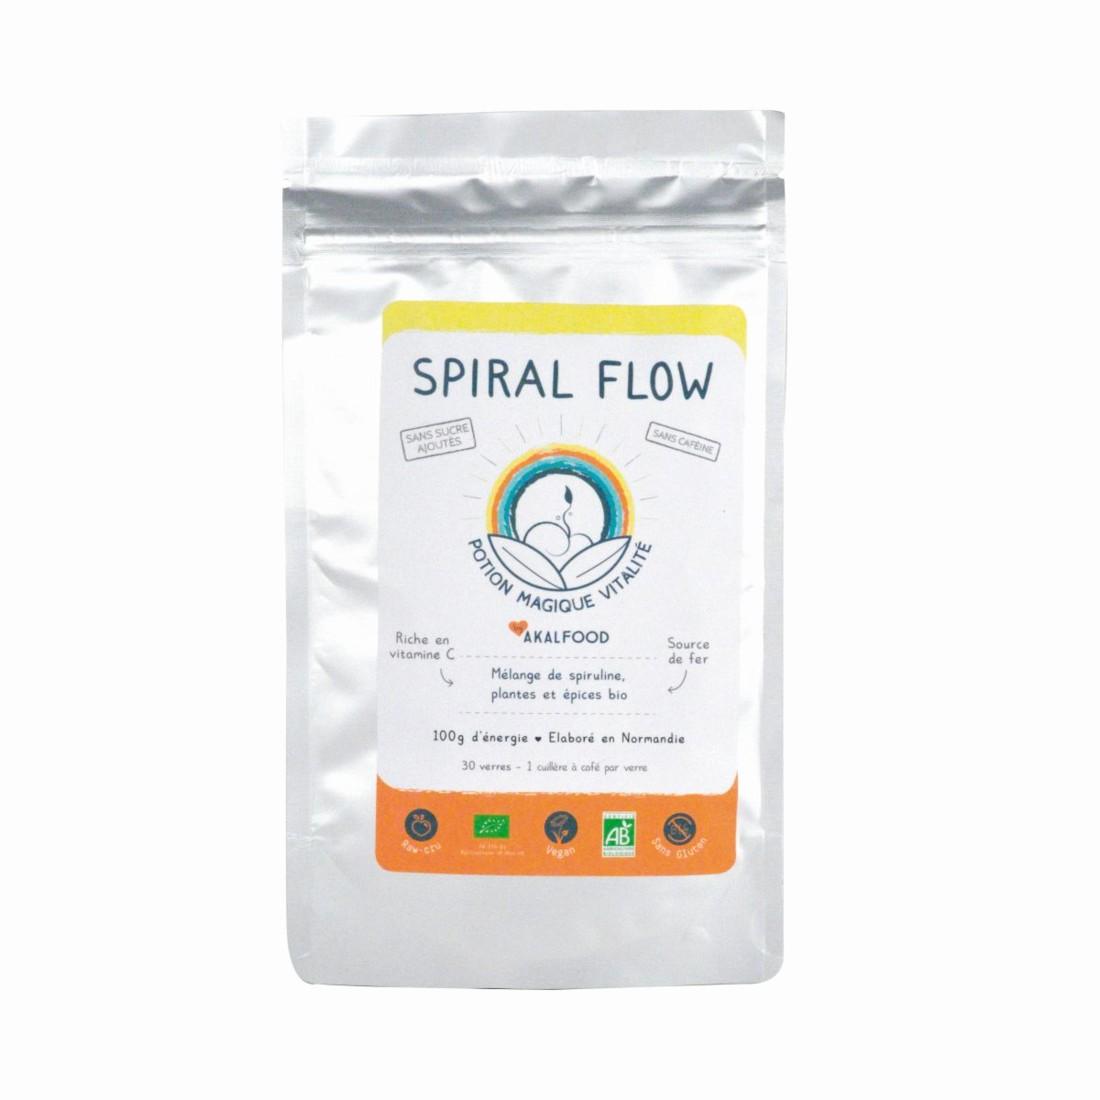 A mélanger dans un jus, Spiral Flow développé par Akal Food est une boisson bio à la spiruline, source de fer et riche en vitamine C. Trophée Nouvelles tendances de consommation.